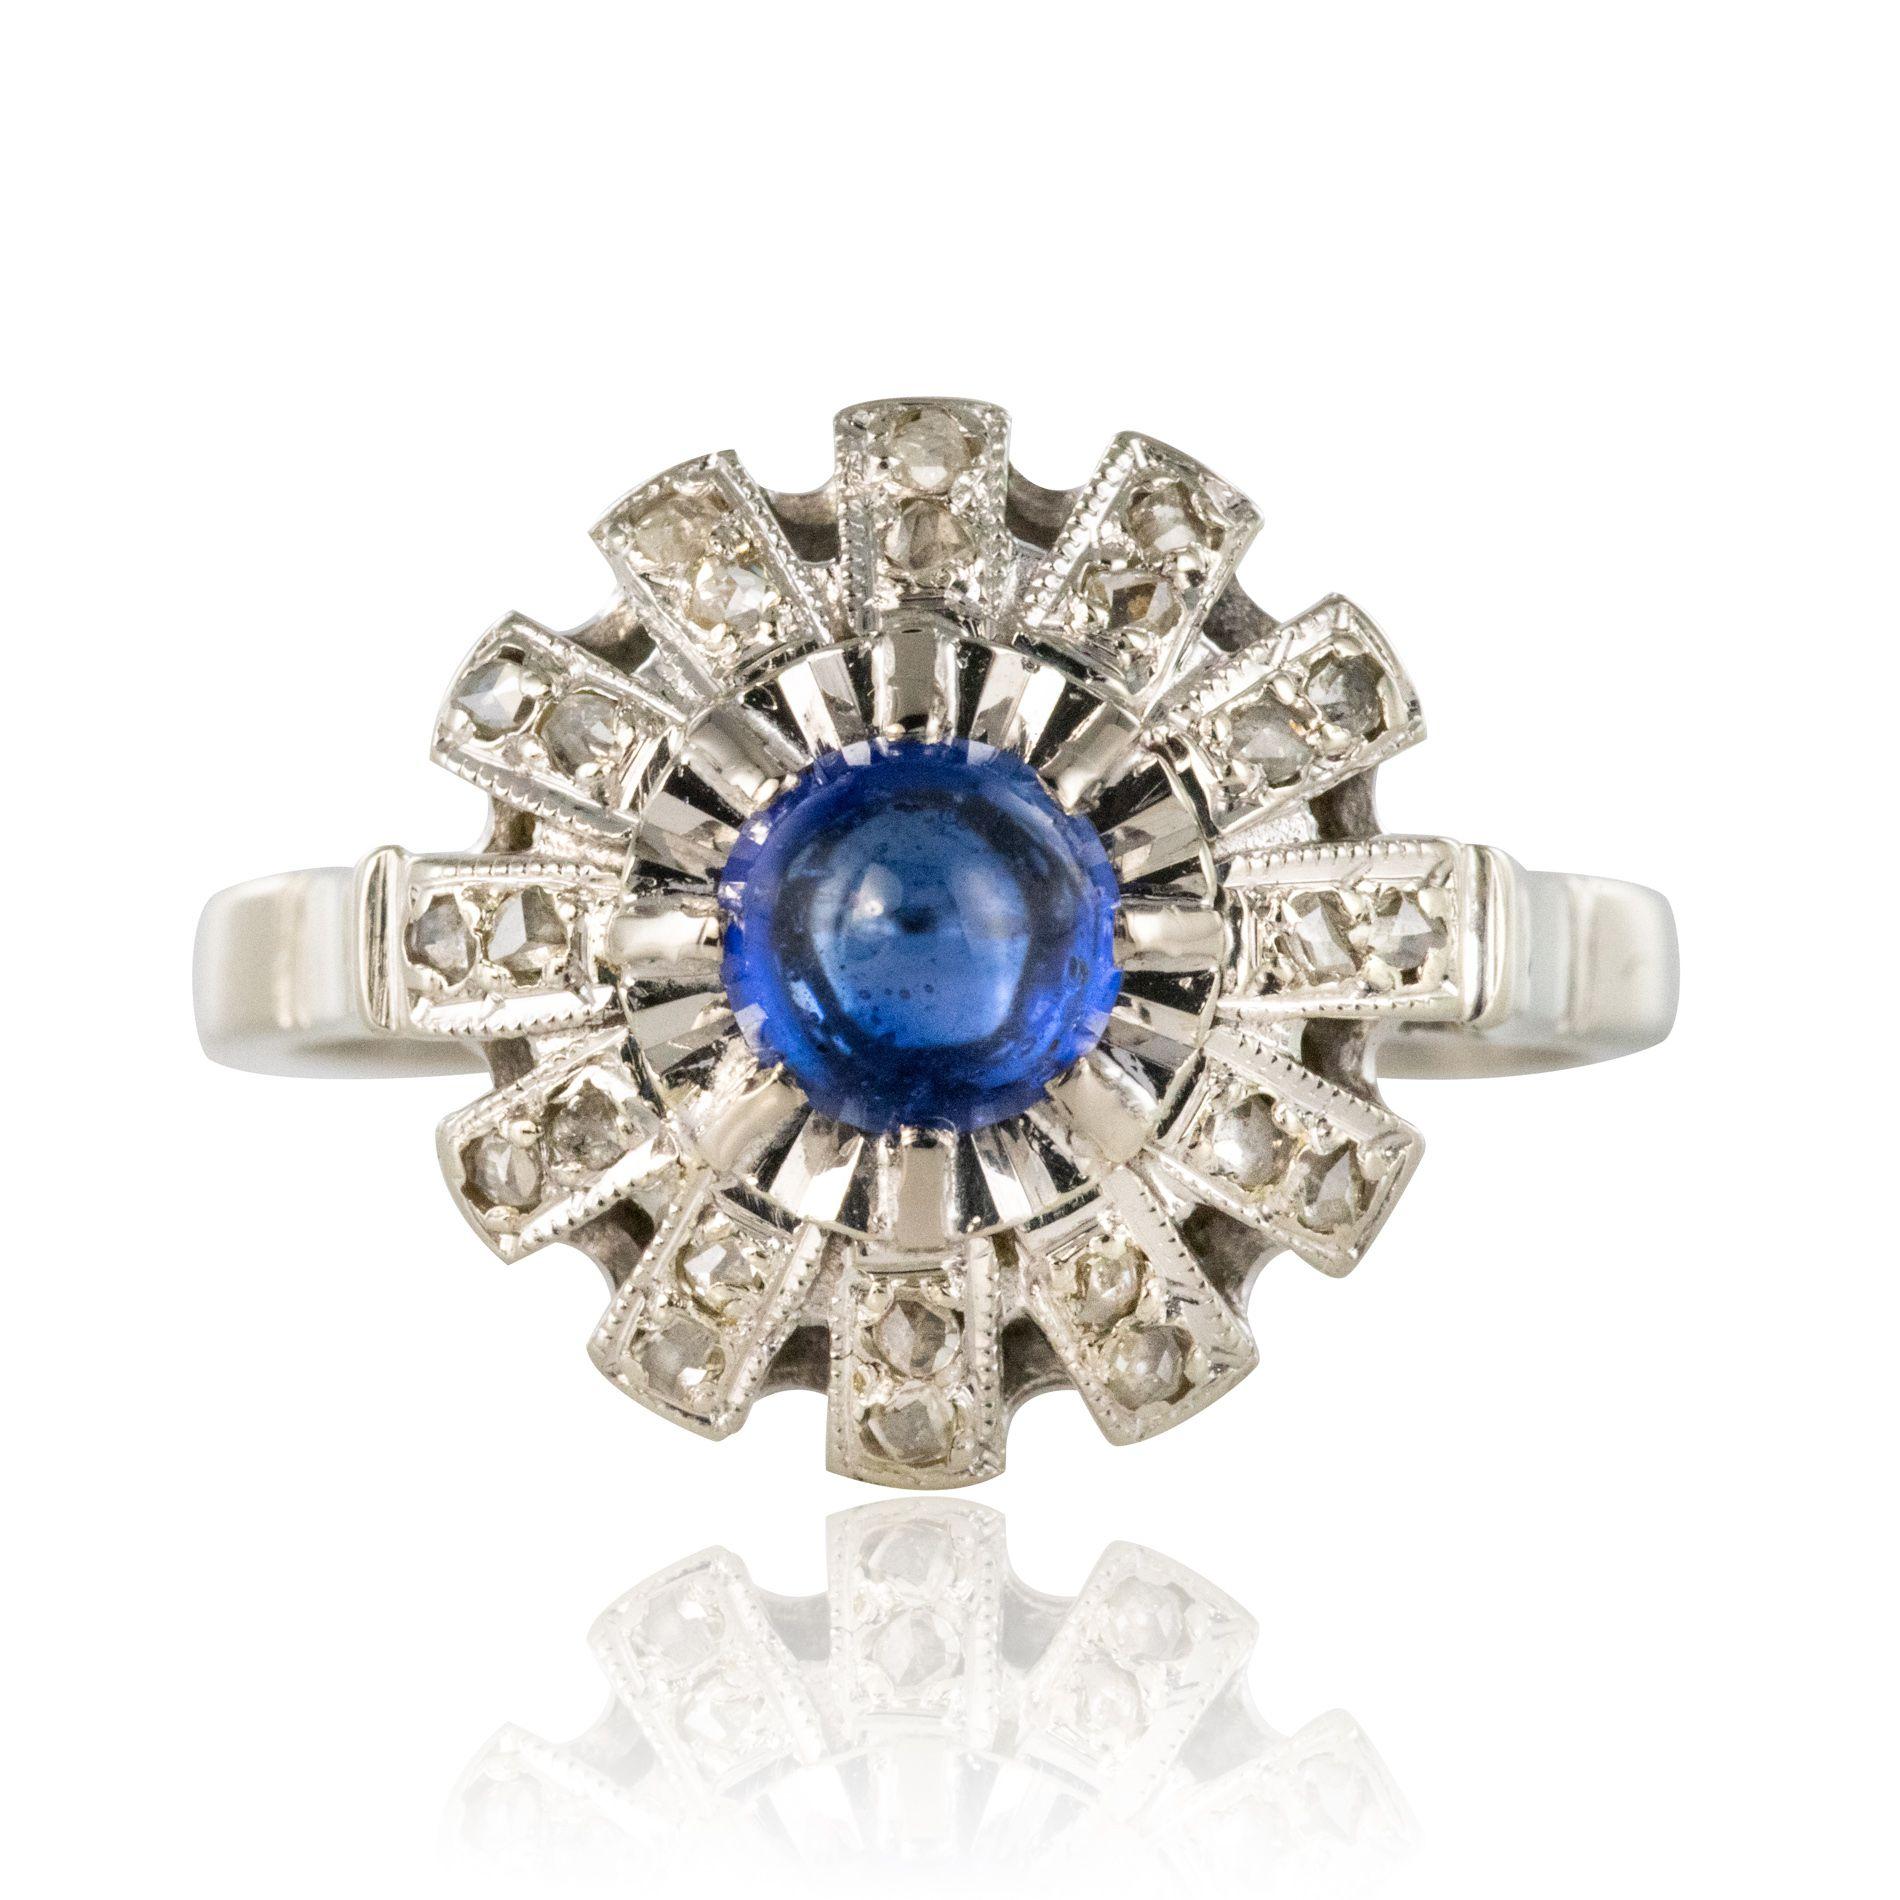 Bague saphir cabochon diamants ronde